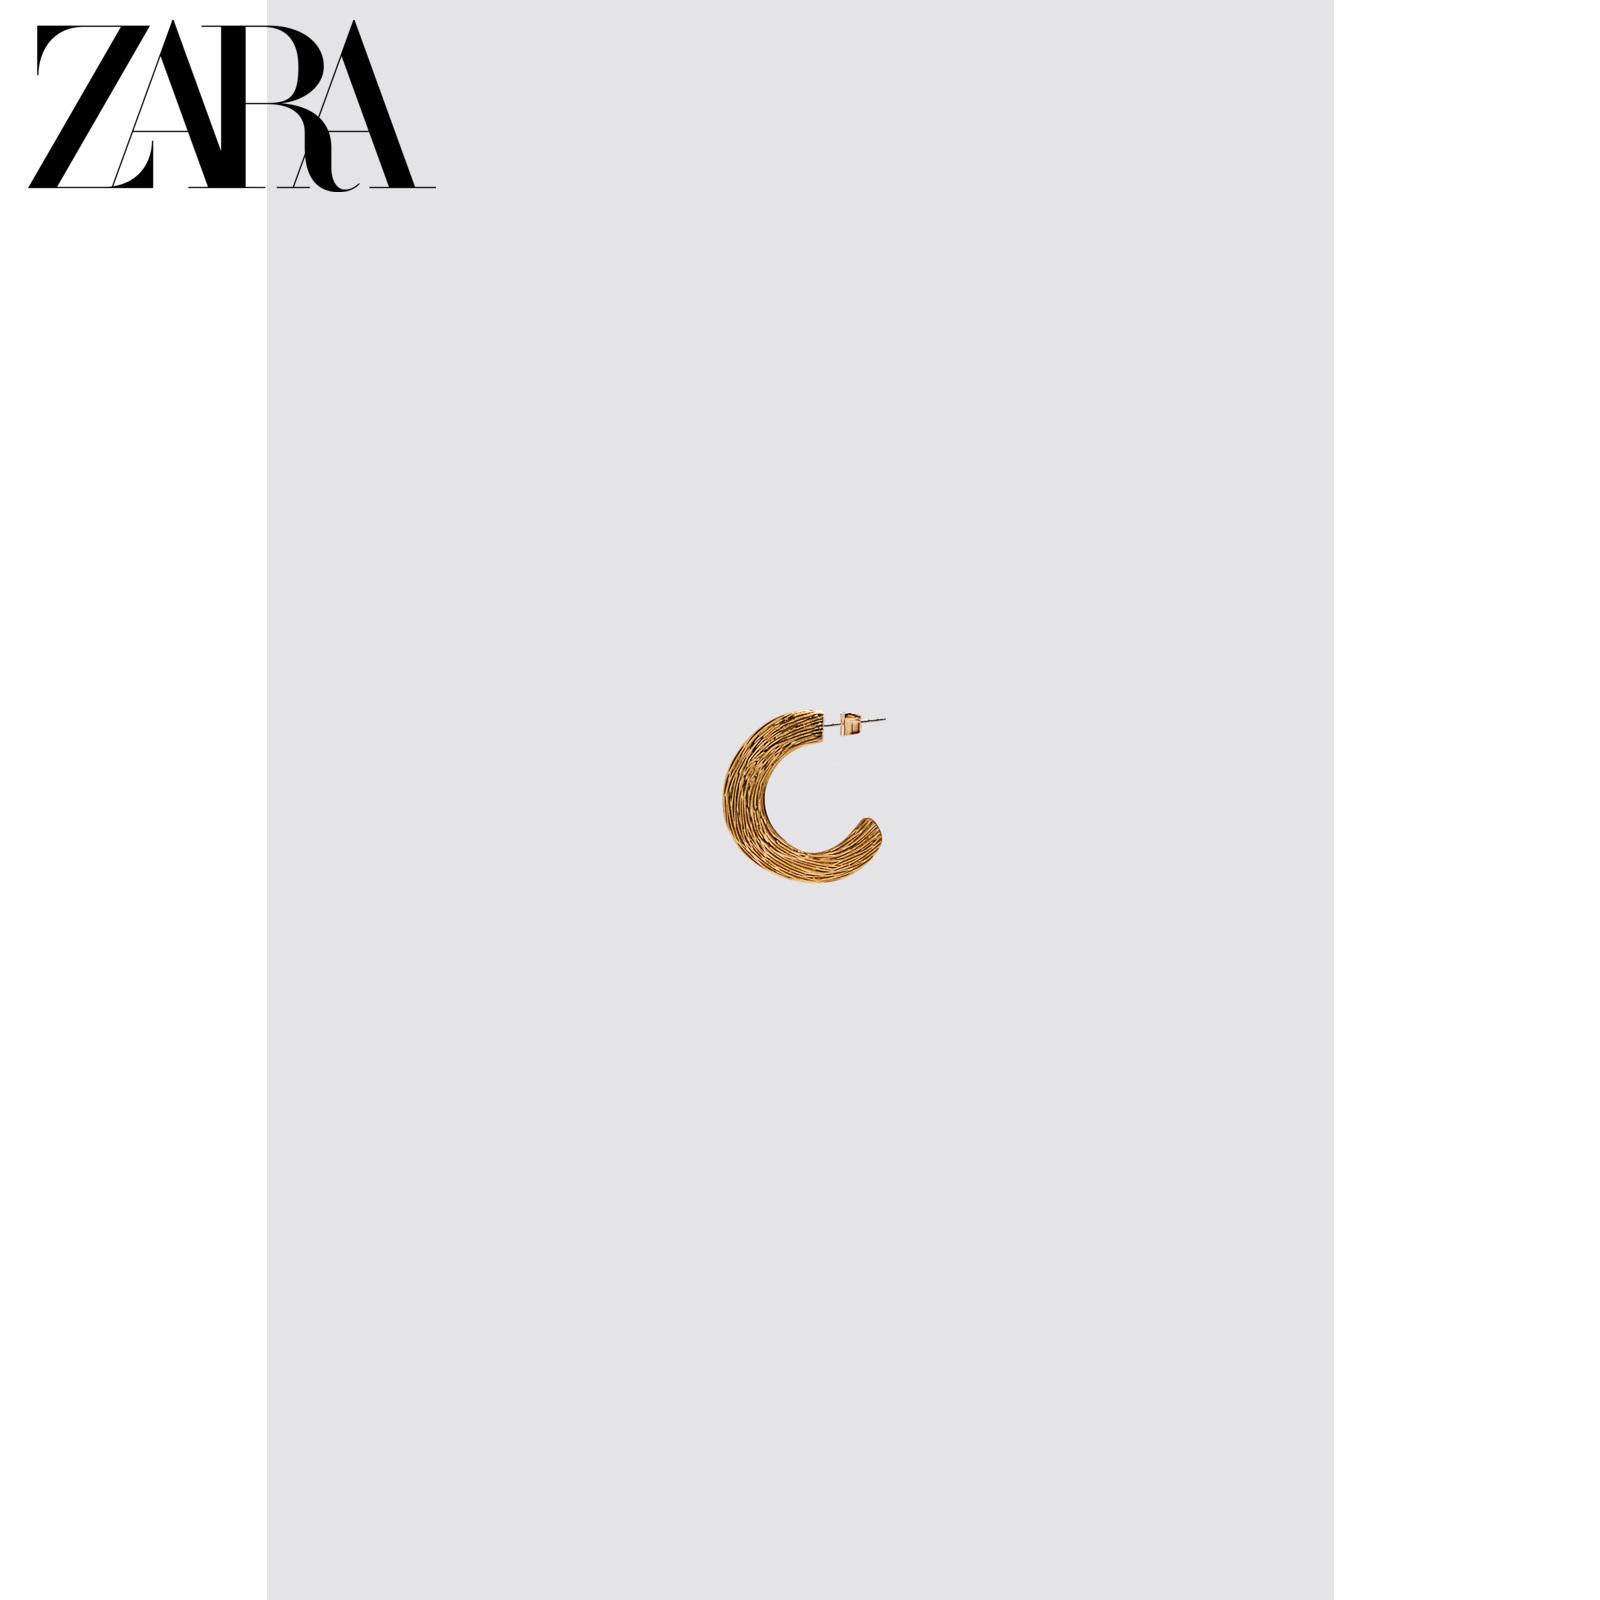 ZARA 新款 女装 质感耳环 04736051303